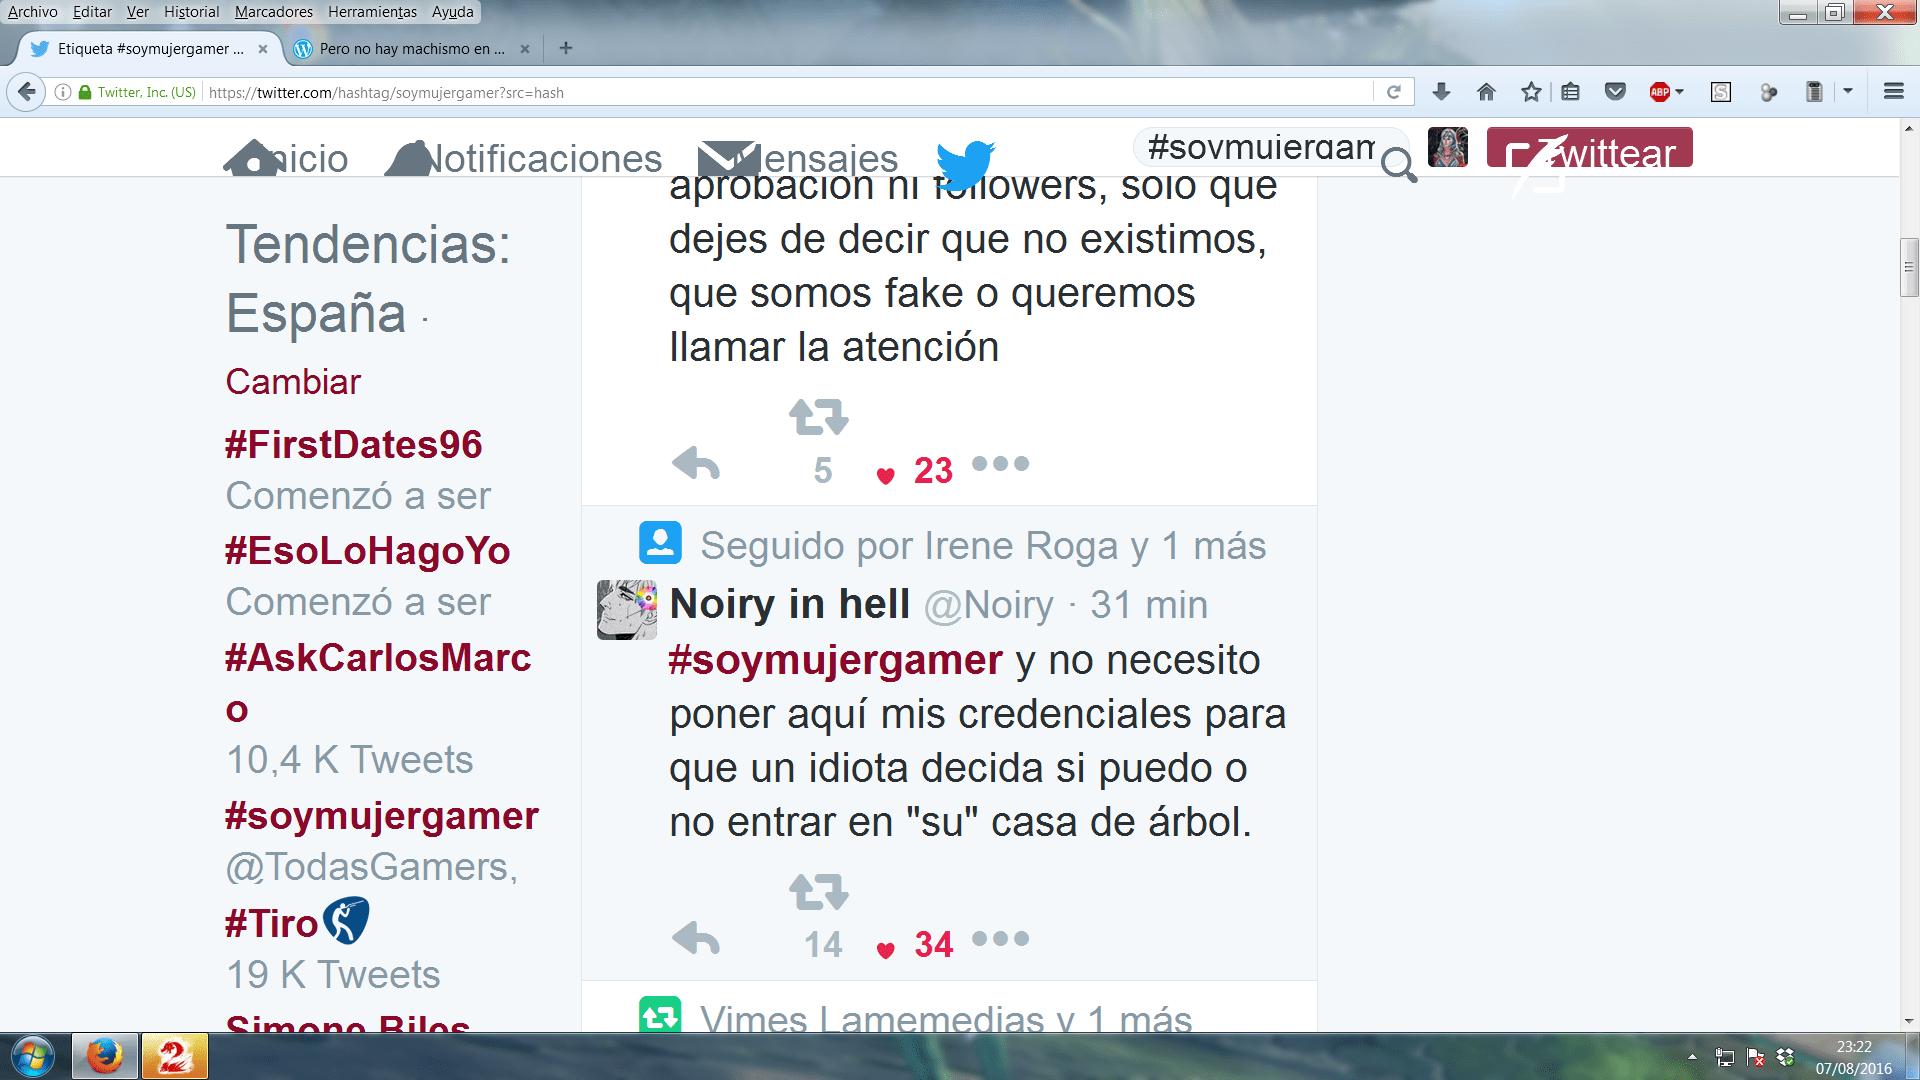 #soymujergamer